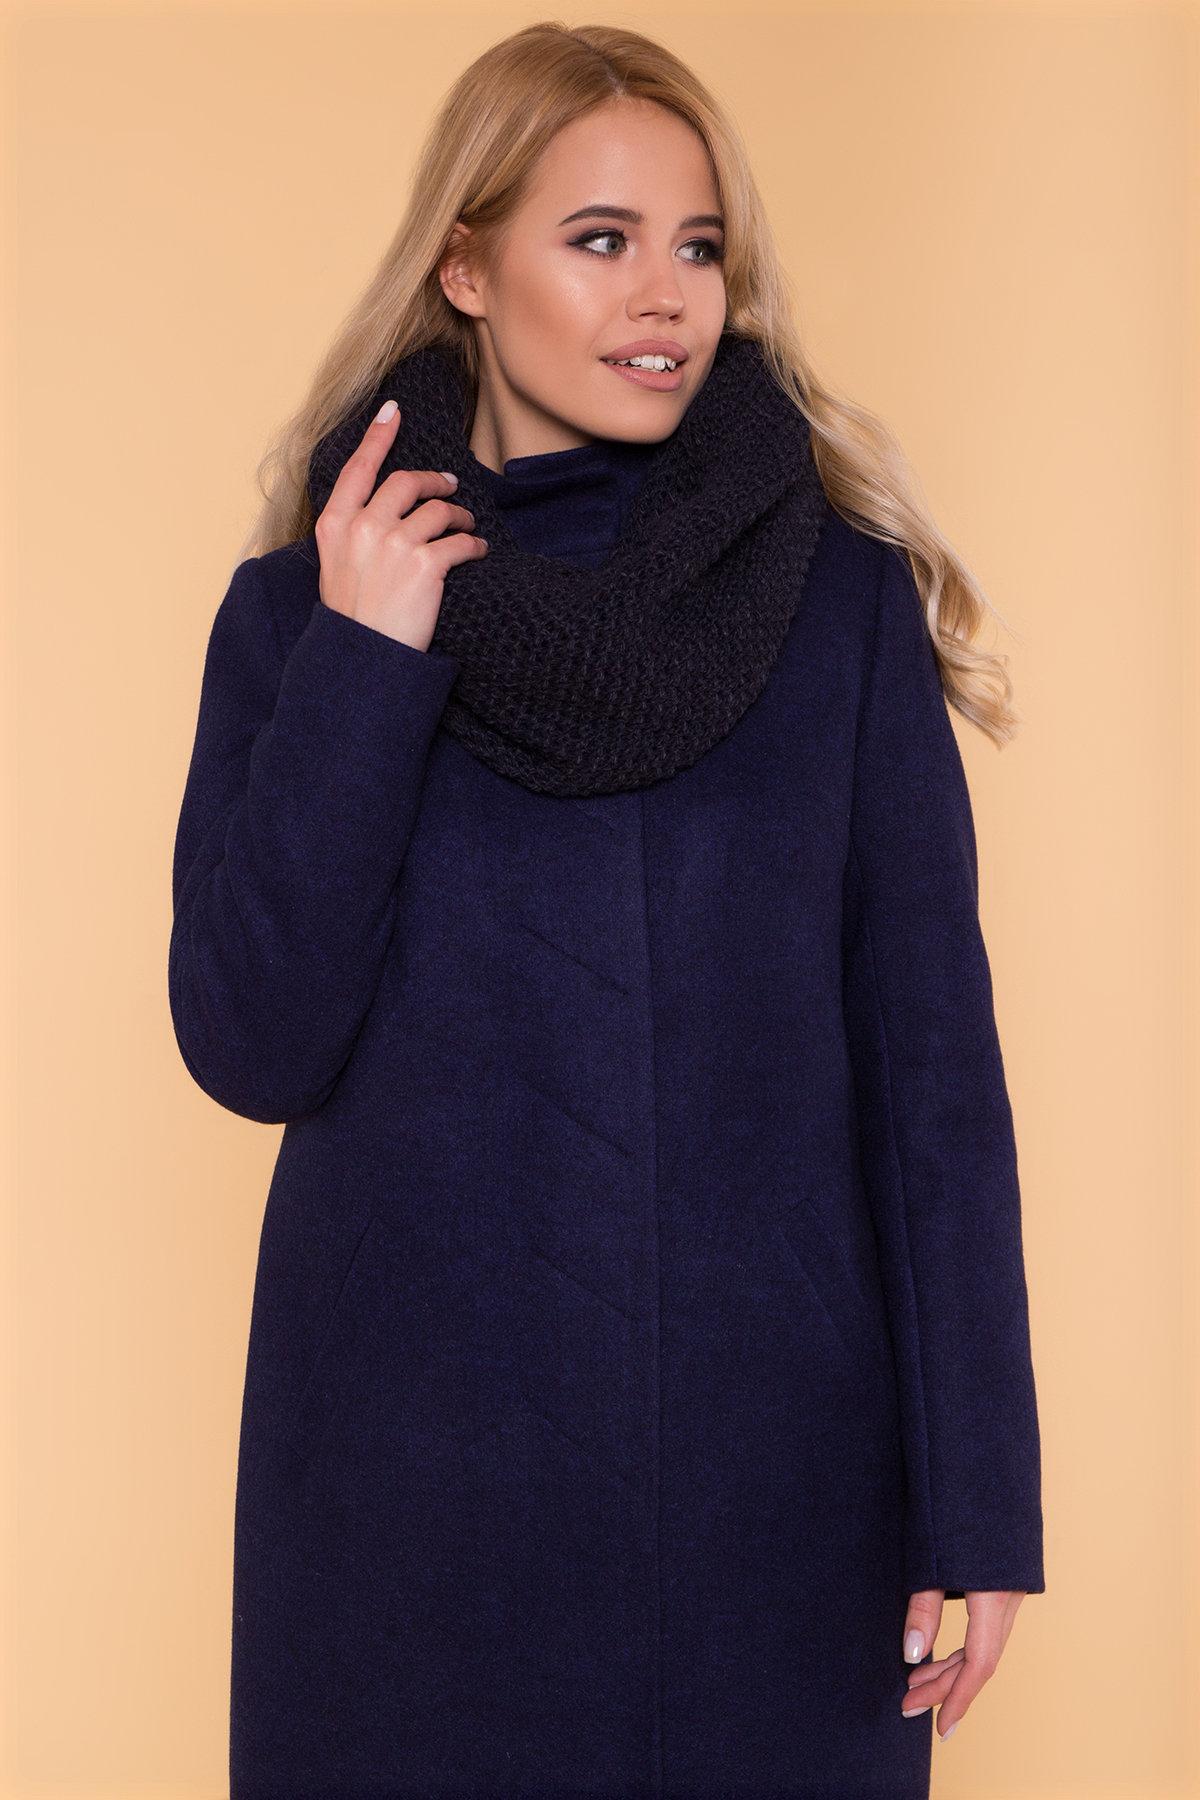 Зимнее пальто с хомутом Фортуна лайт 5802 АРТ. 40536 Цвет: Т.синий 17 - фото 5, интернет магазин tm-modus.ru